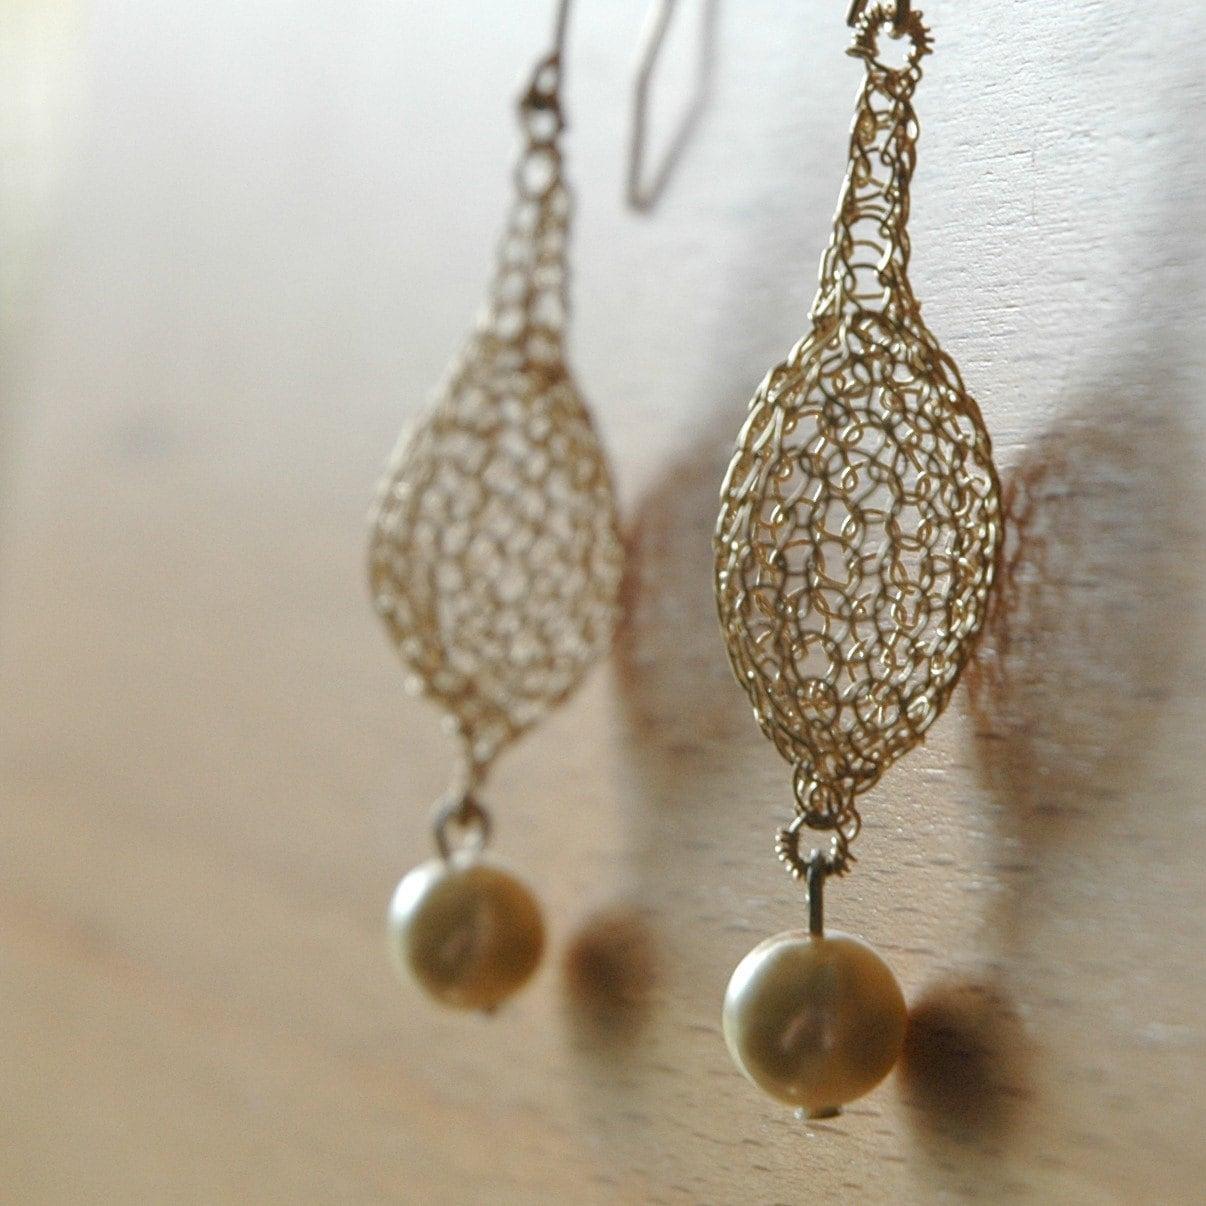 CROCHET jewelry PATTERN 3 Wire earrings PDF tutorials sunflower ...